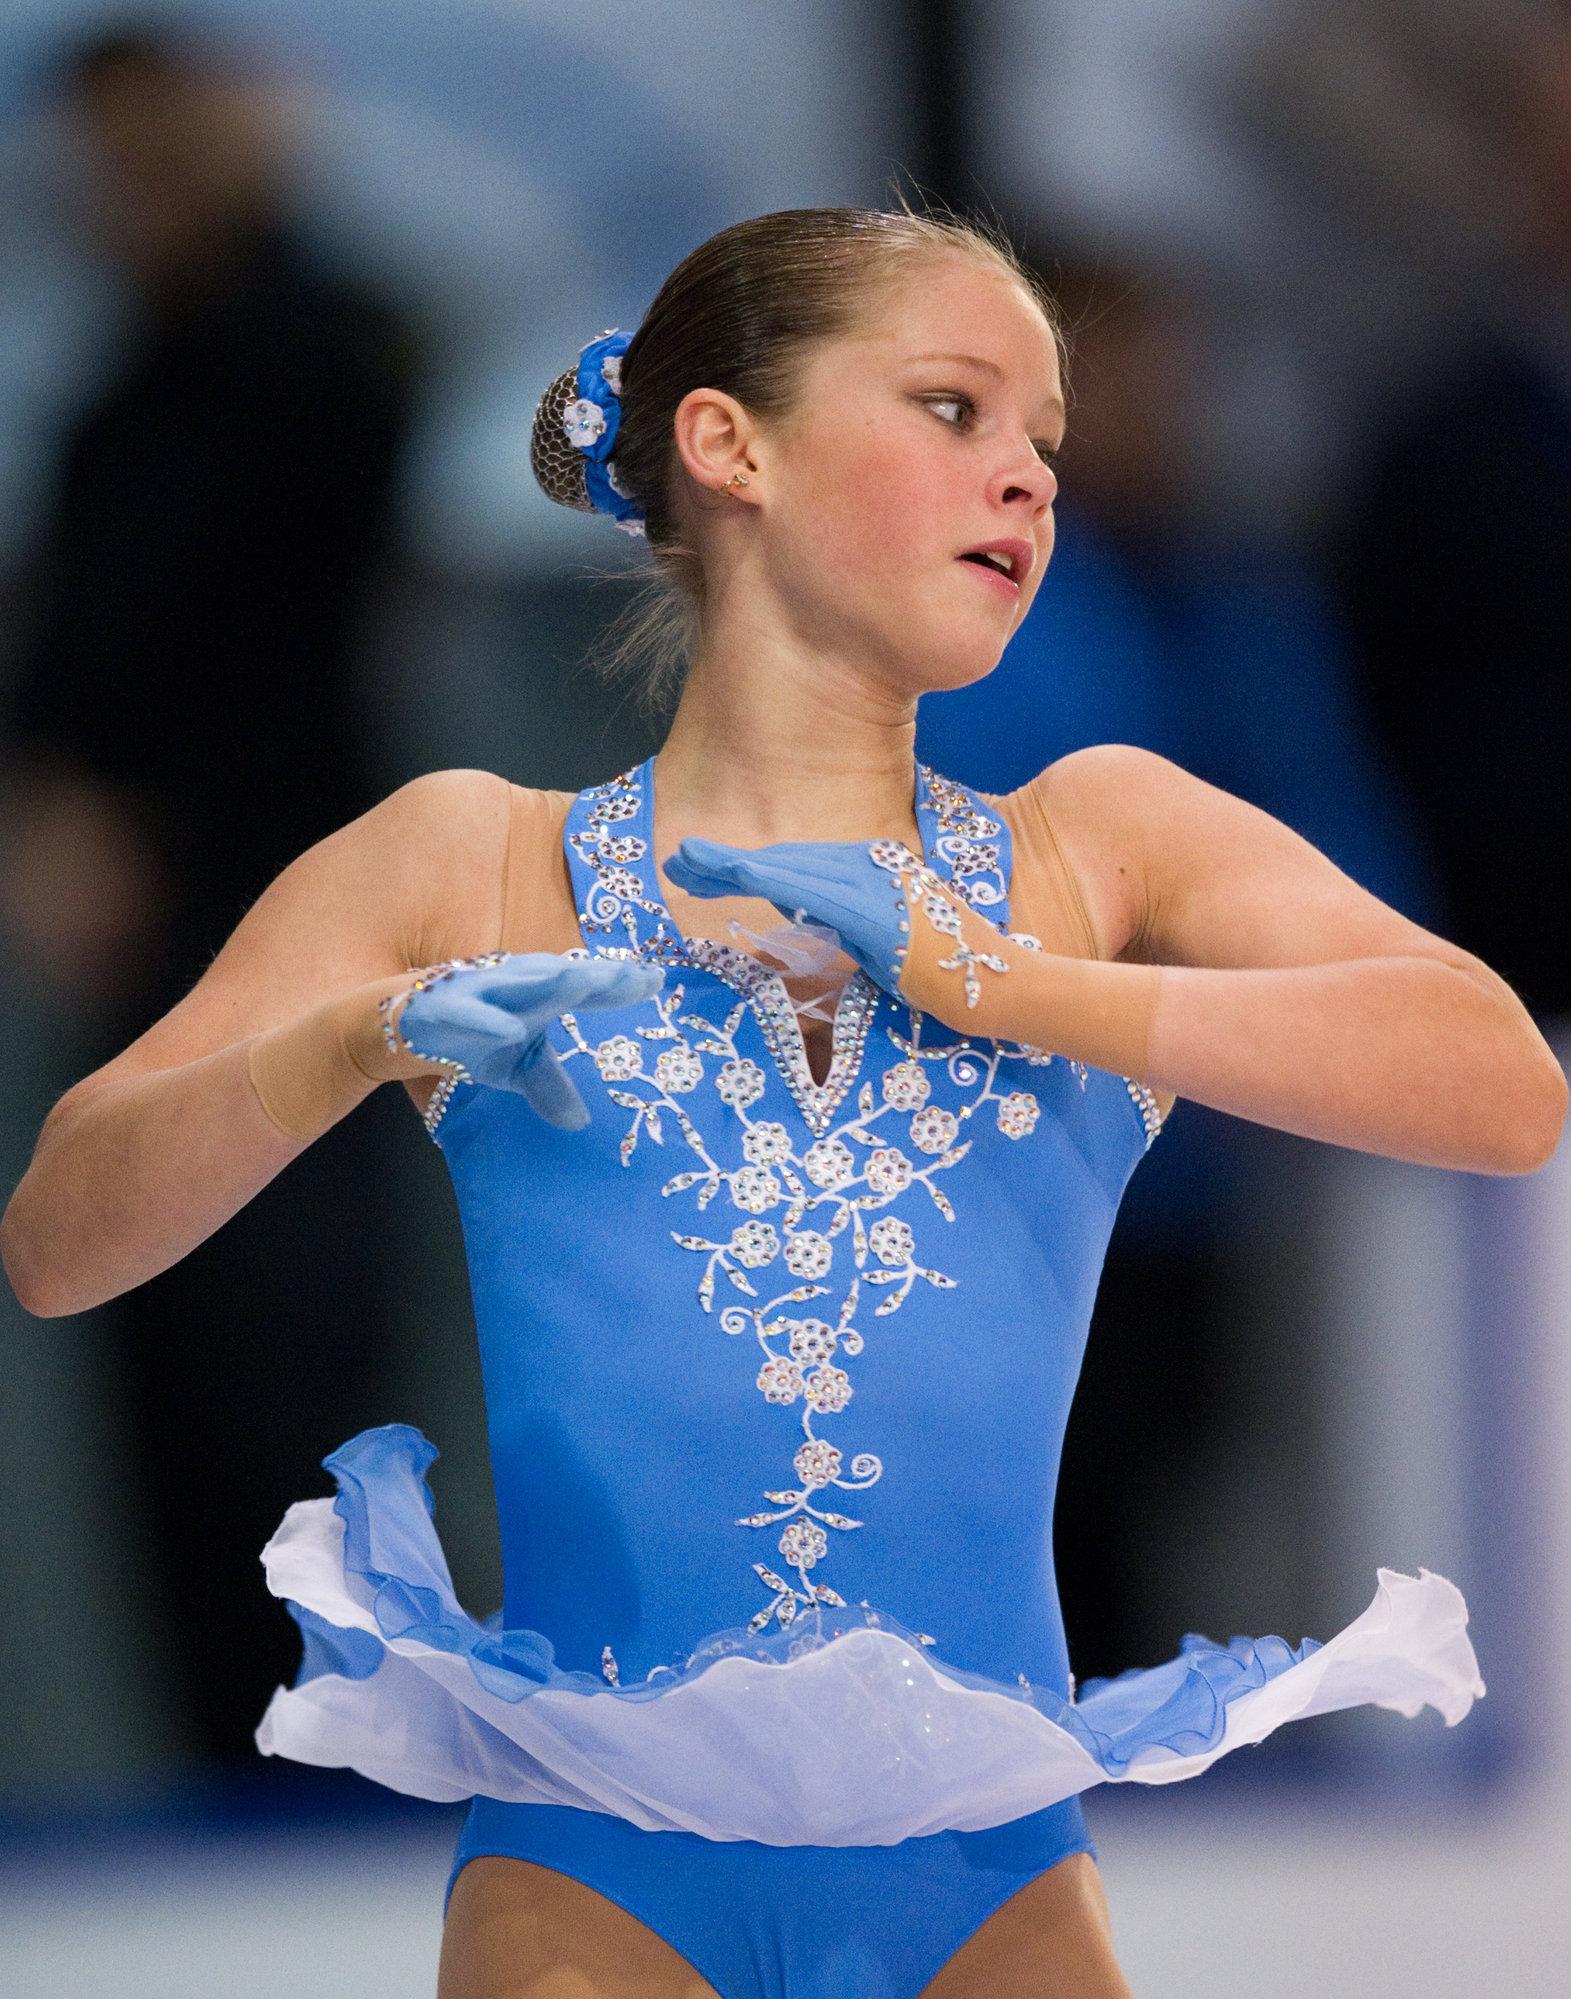 У юной фигуристки Юлии Липницкой появился спонсор